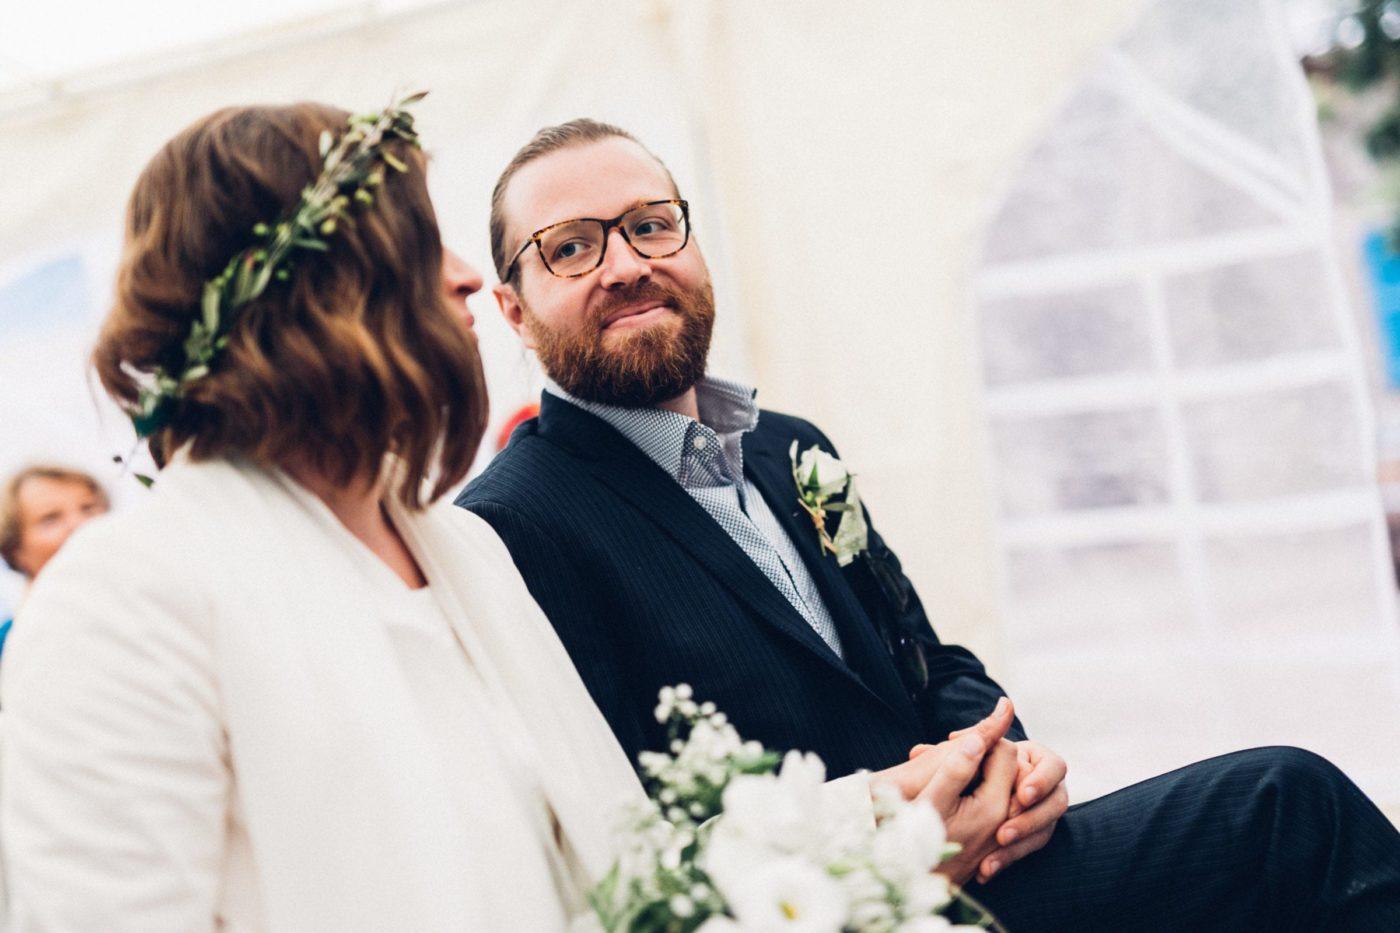 Der Bräutigam Schatz seine Braut verliebt während der Zeremonie an.